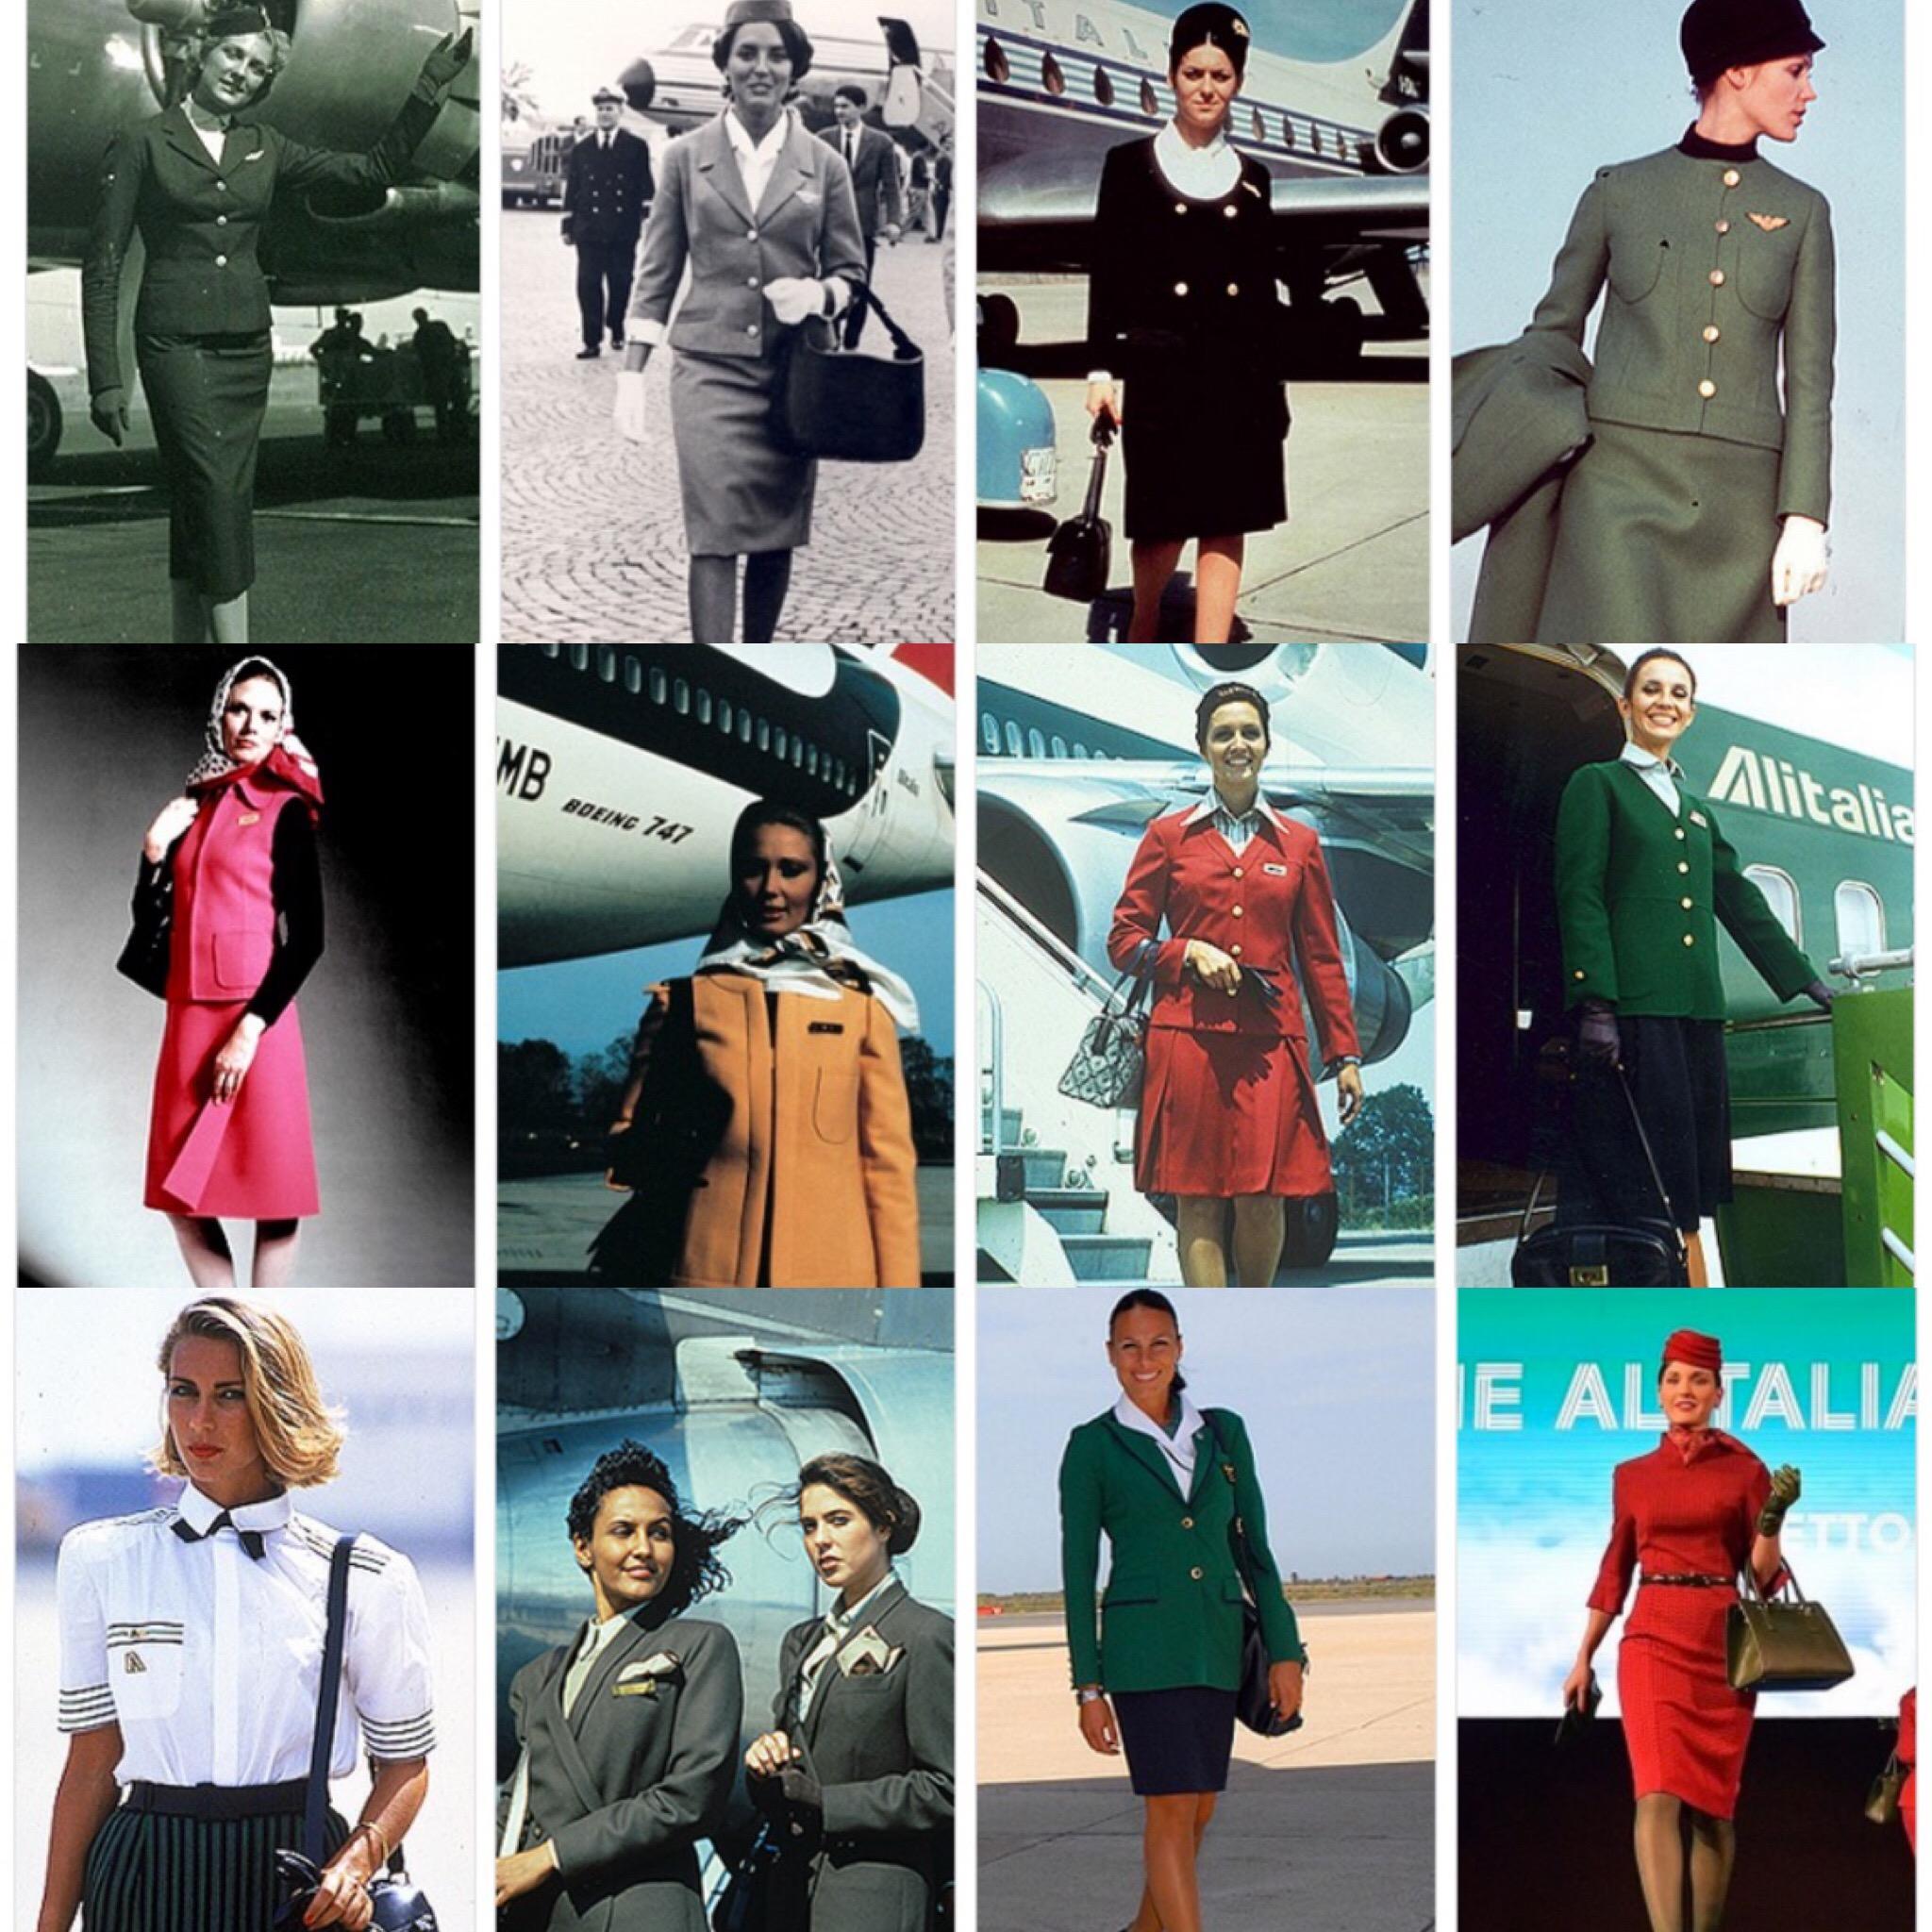 Alitalia 1950 - 2016